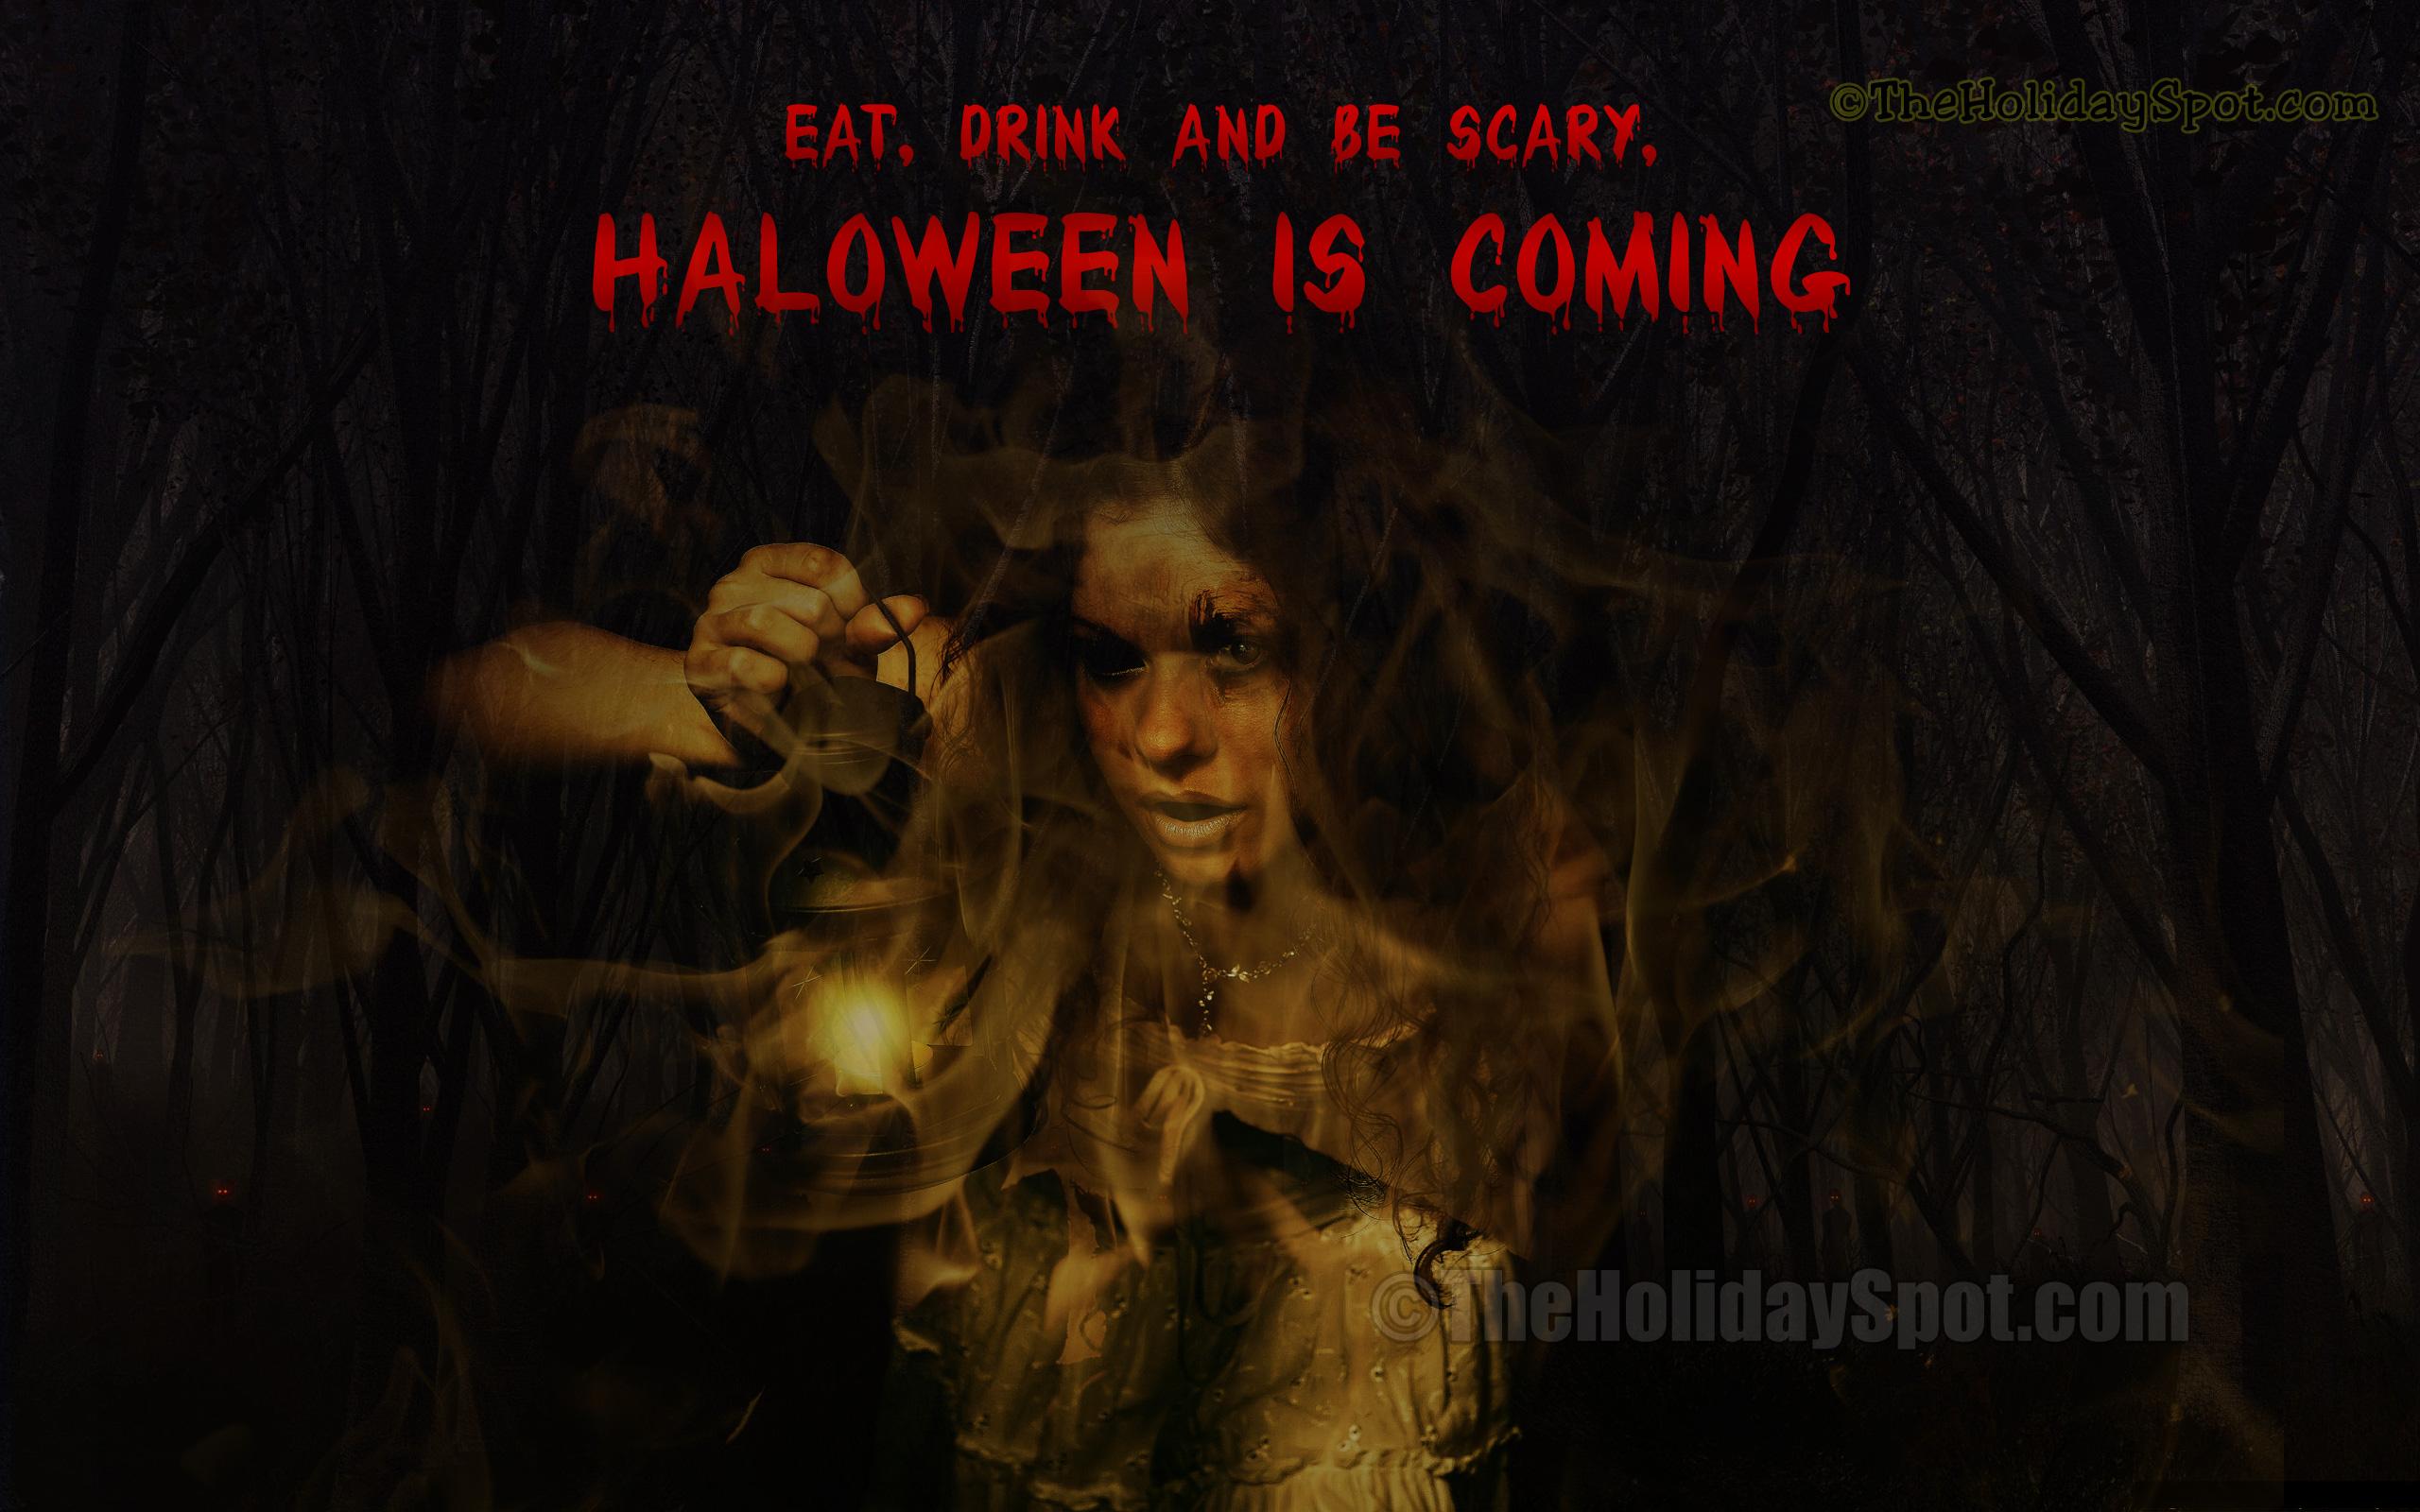 Halloween Spooky Wallpaper.Happy Halloween Hd Wallpapers Best Halloween Images Free